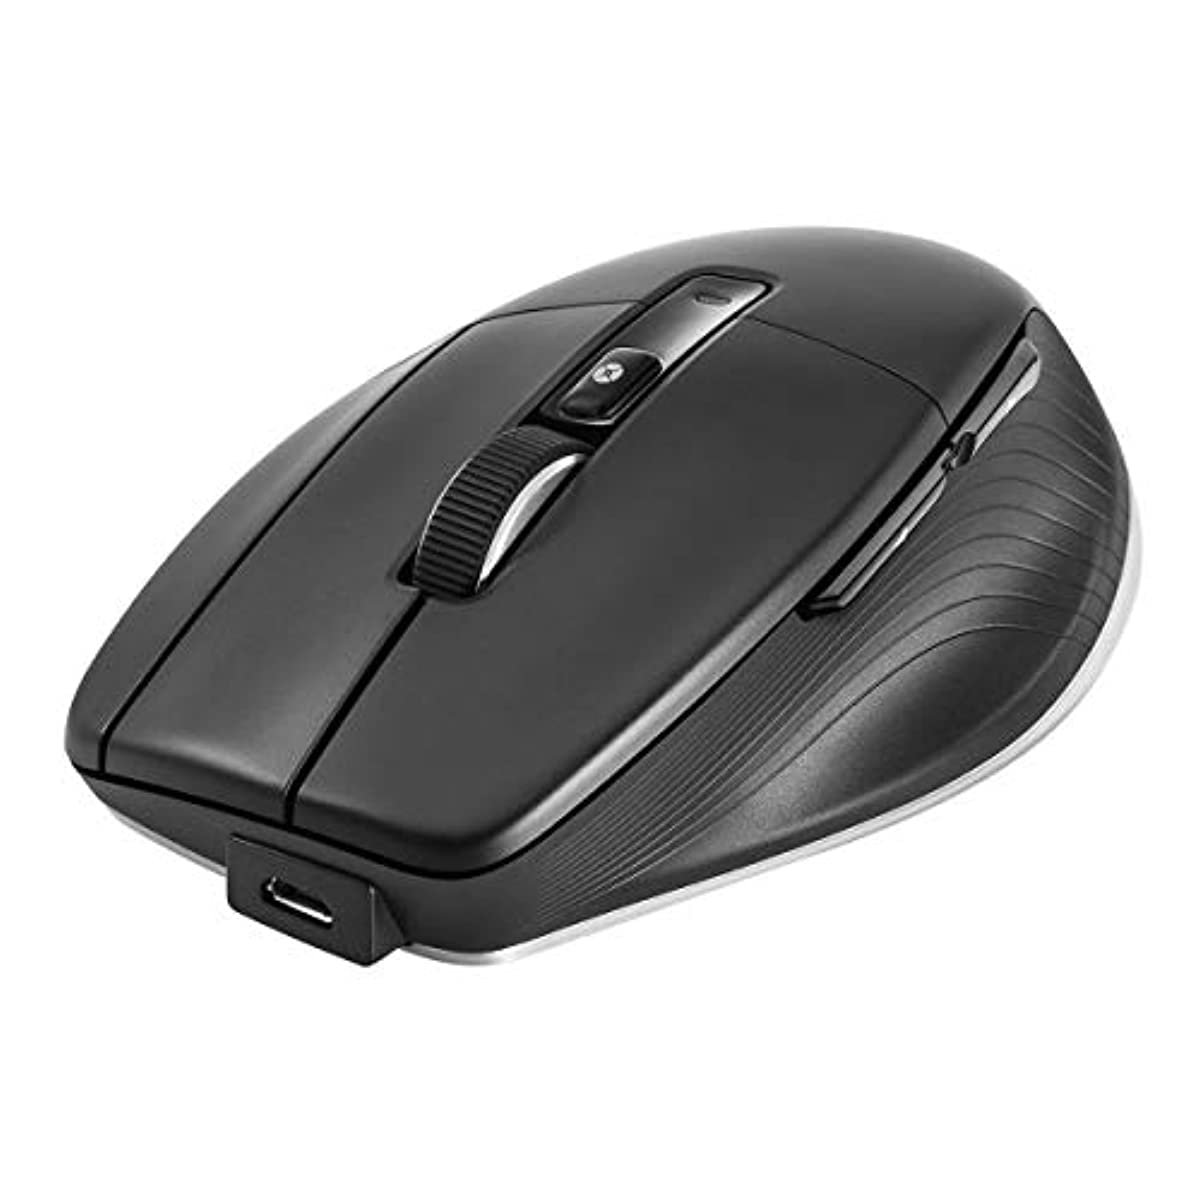 [해외] 3Dconnexion 무선 캐드 마우스 3DX-700078